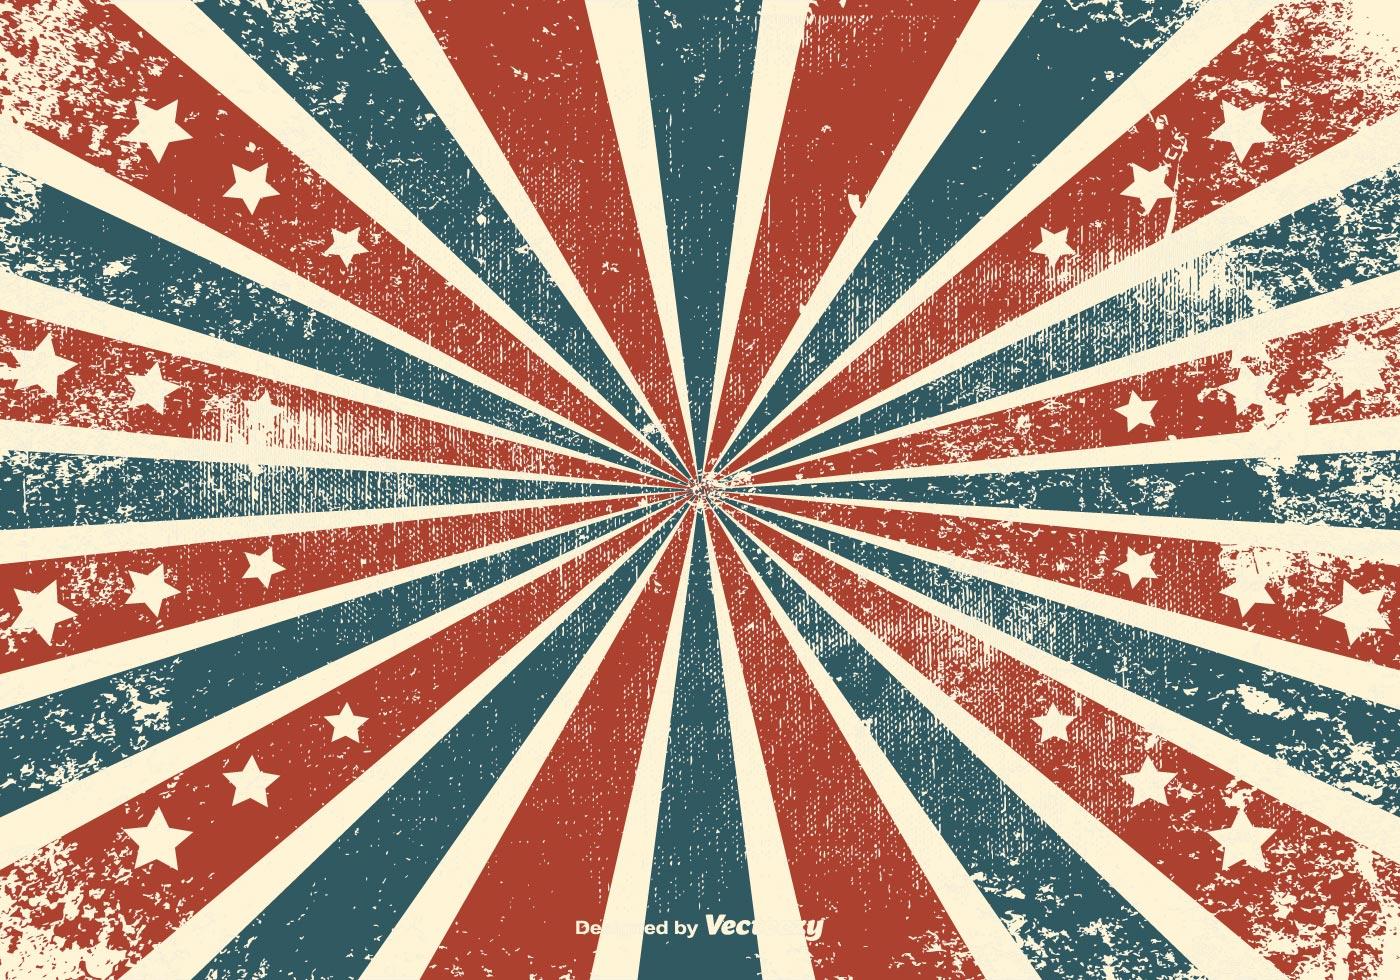 Grunge Sunburst Background With Stars - Download Free ...